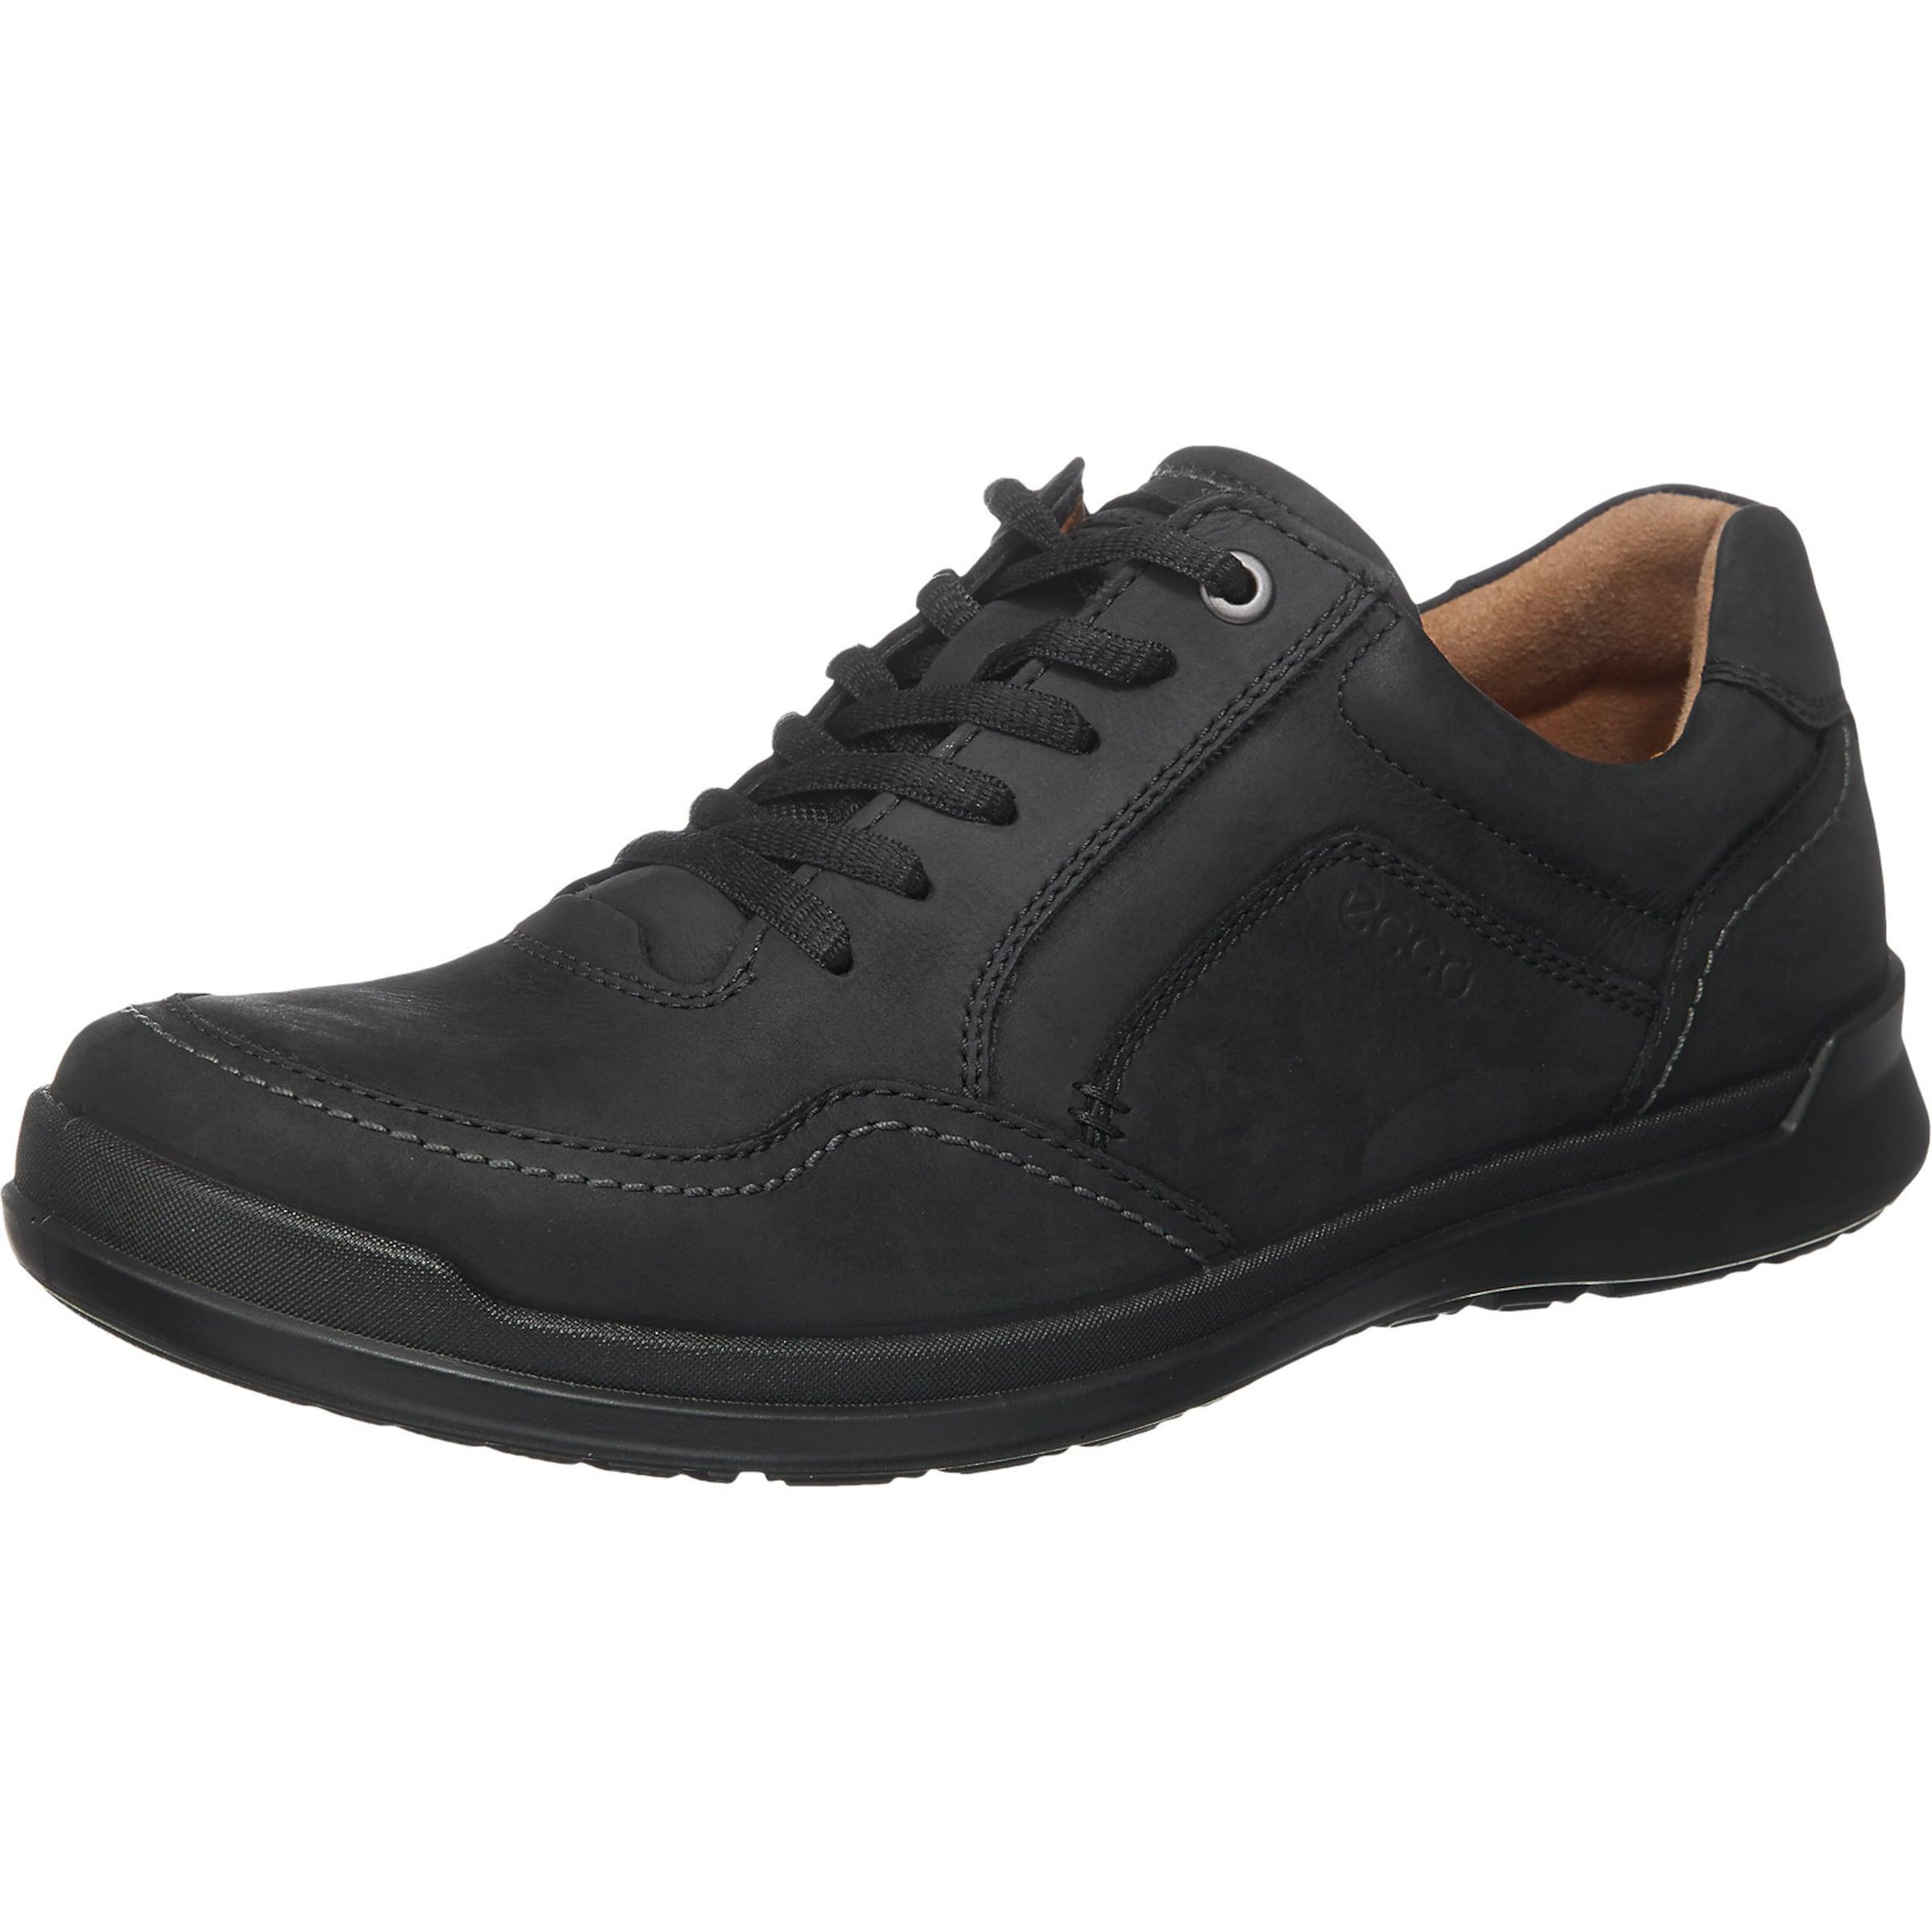 Schuhe Ecco In Schwarz Freizeit Howell DH9IE2WY